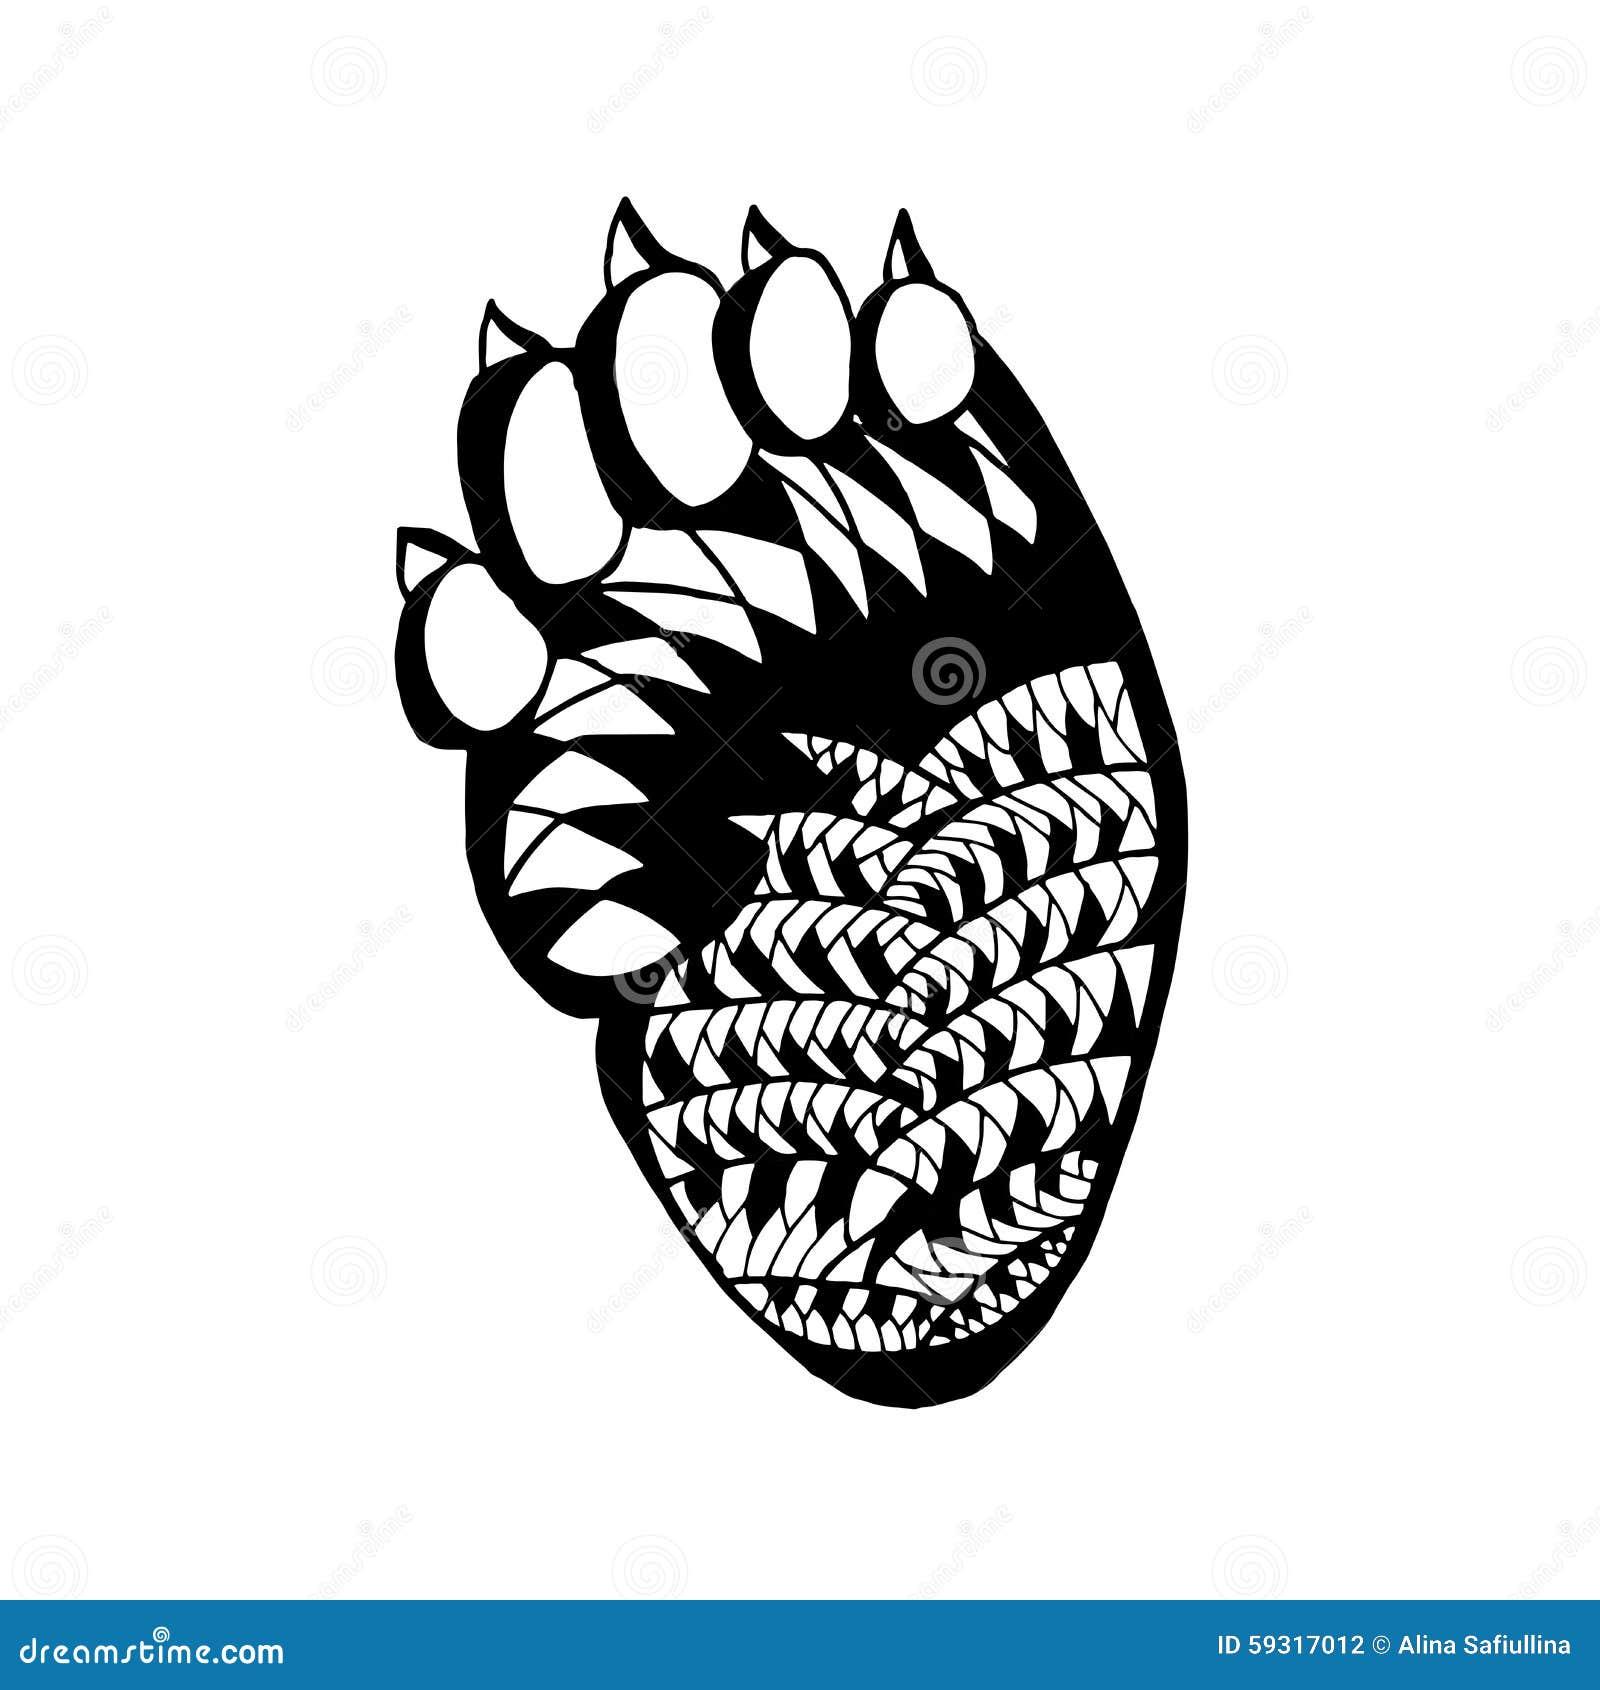 zentangle a stylis la patte d 39 ours croquis pour le tatouage ou le t shirt illustration de. Black Bedroom Furniture Sets. Home Design Ideas